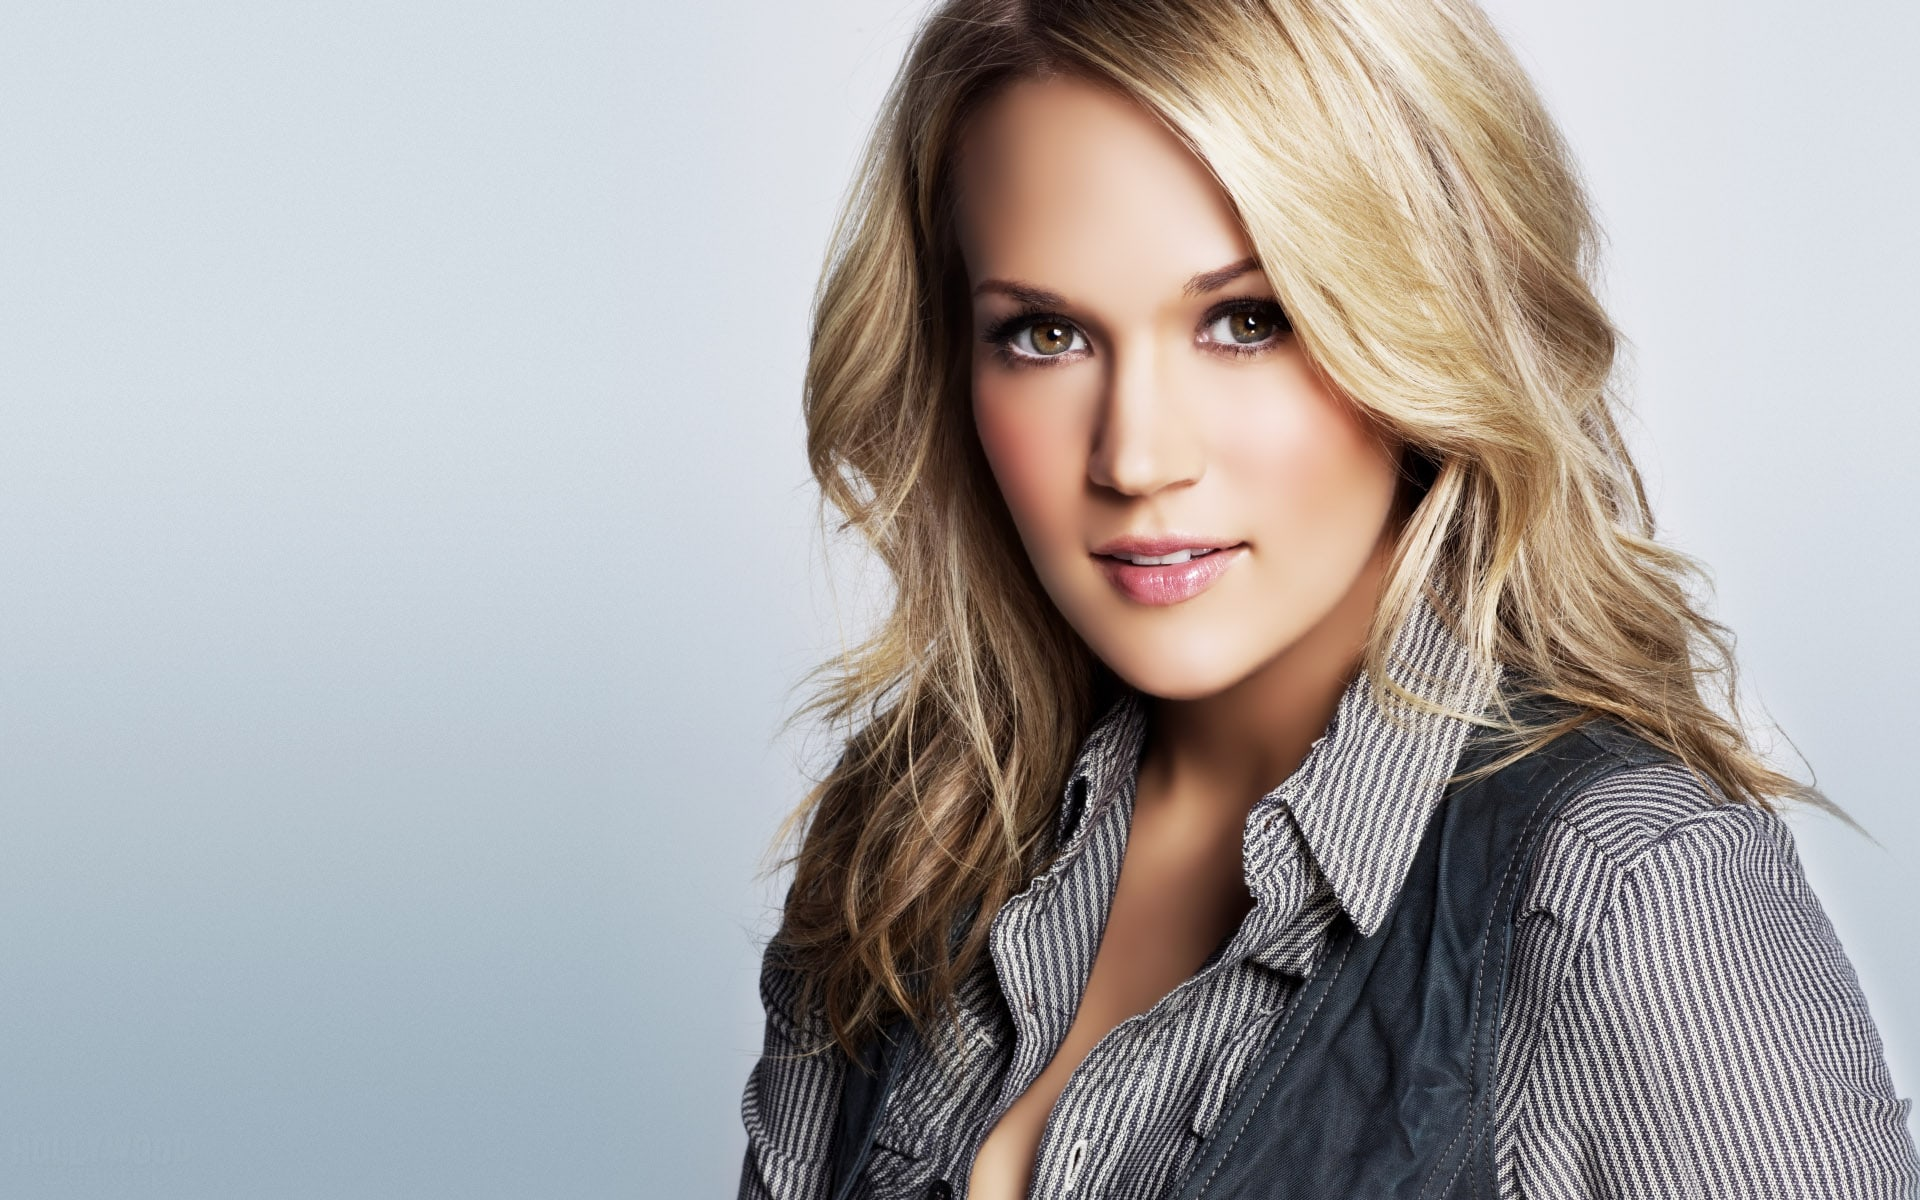 Carrie Underwood Desktop wallpapers